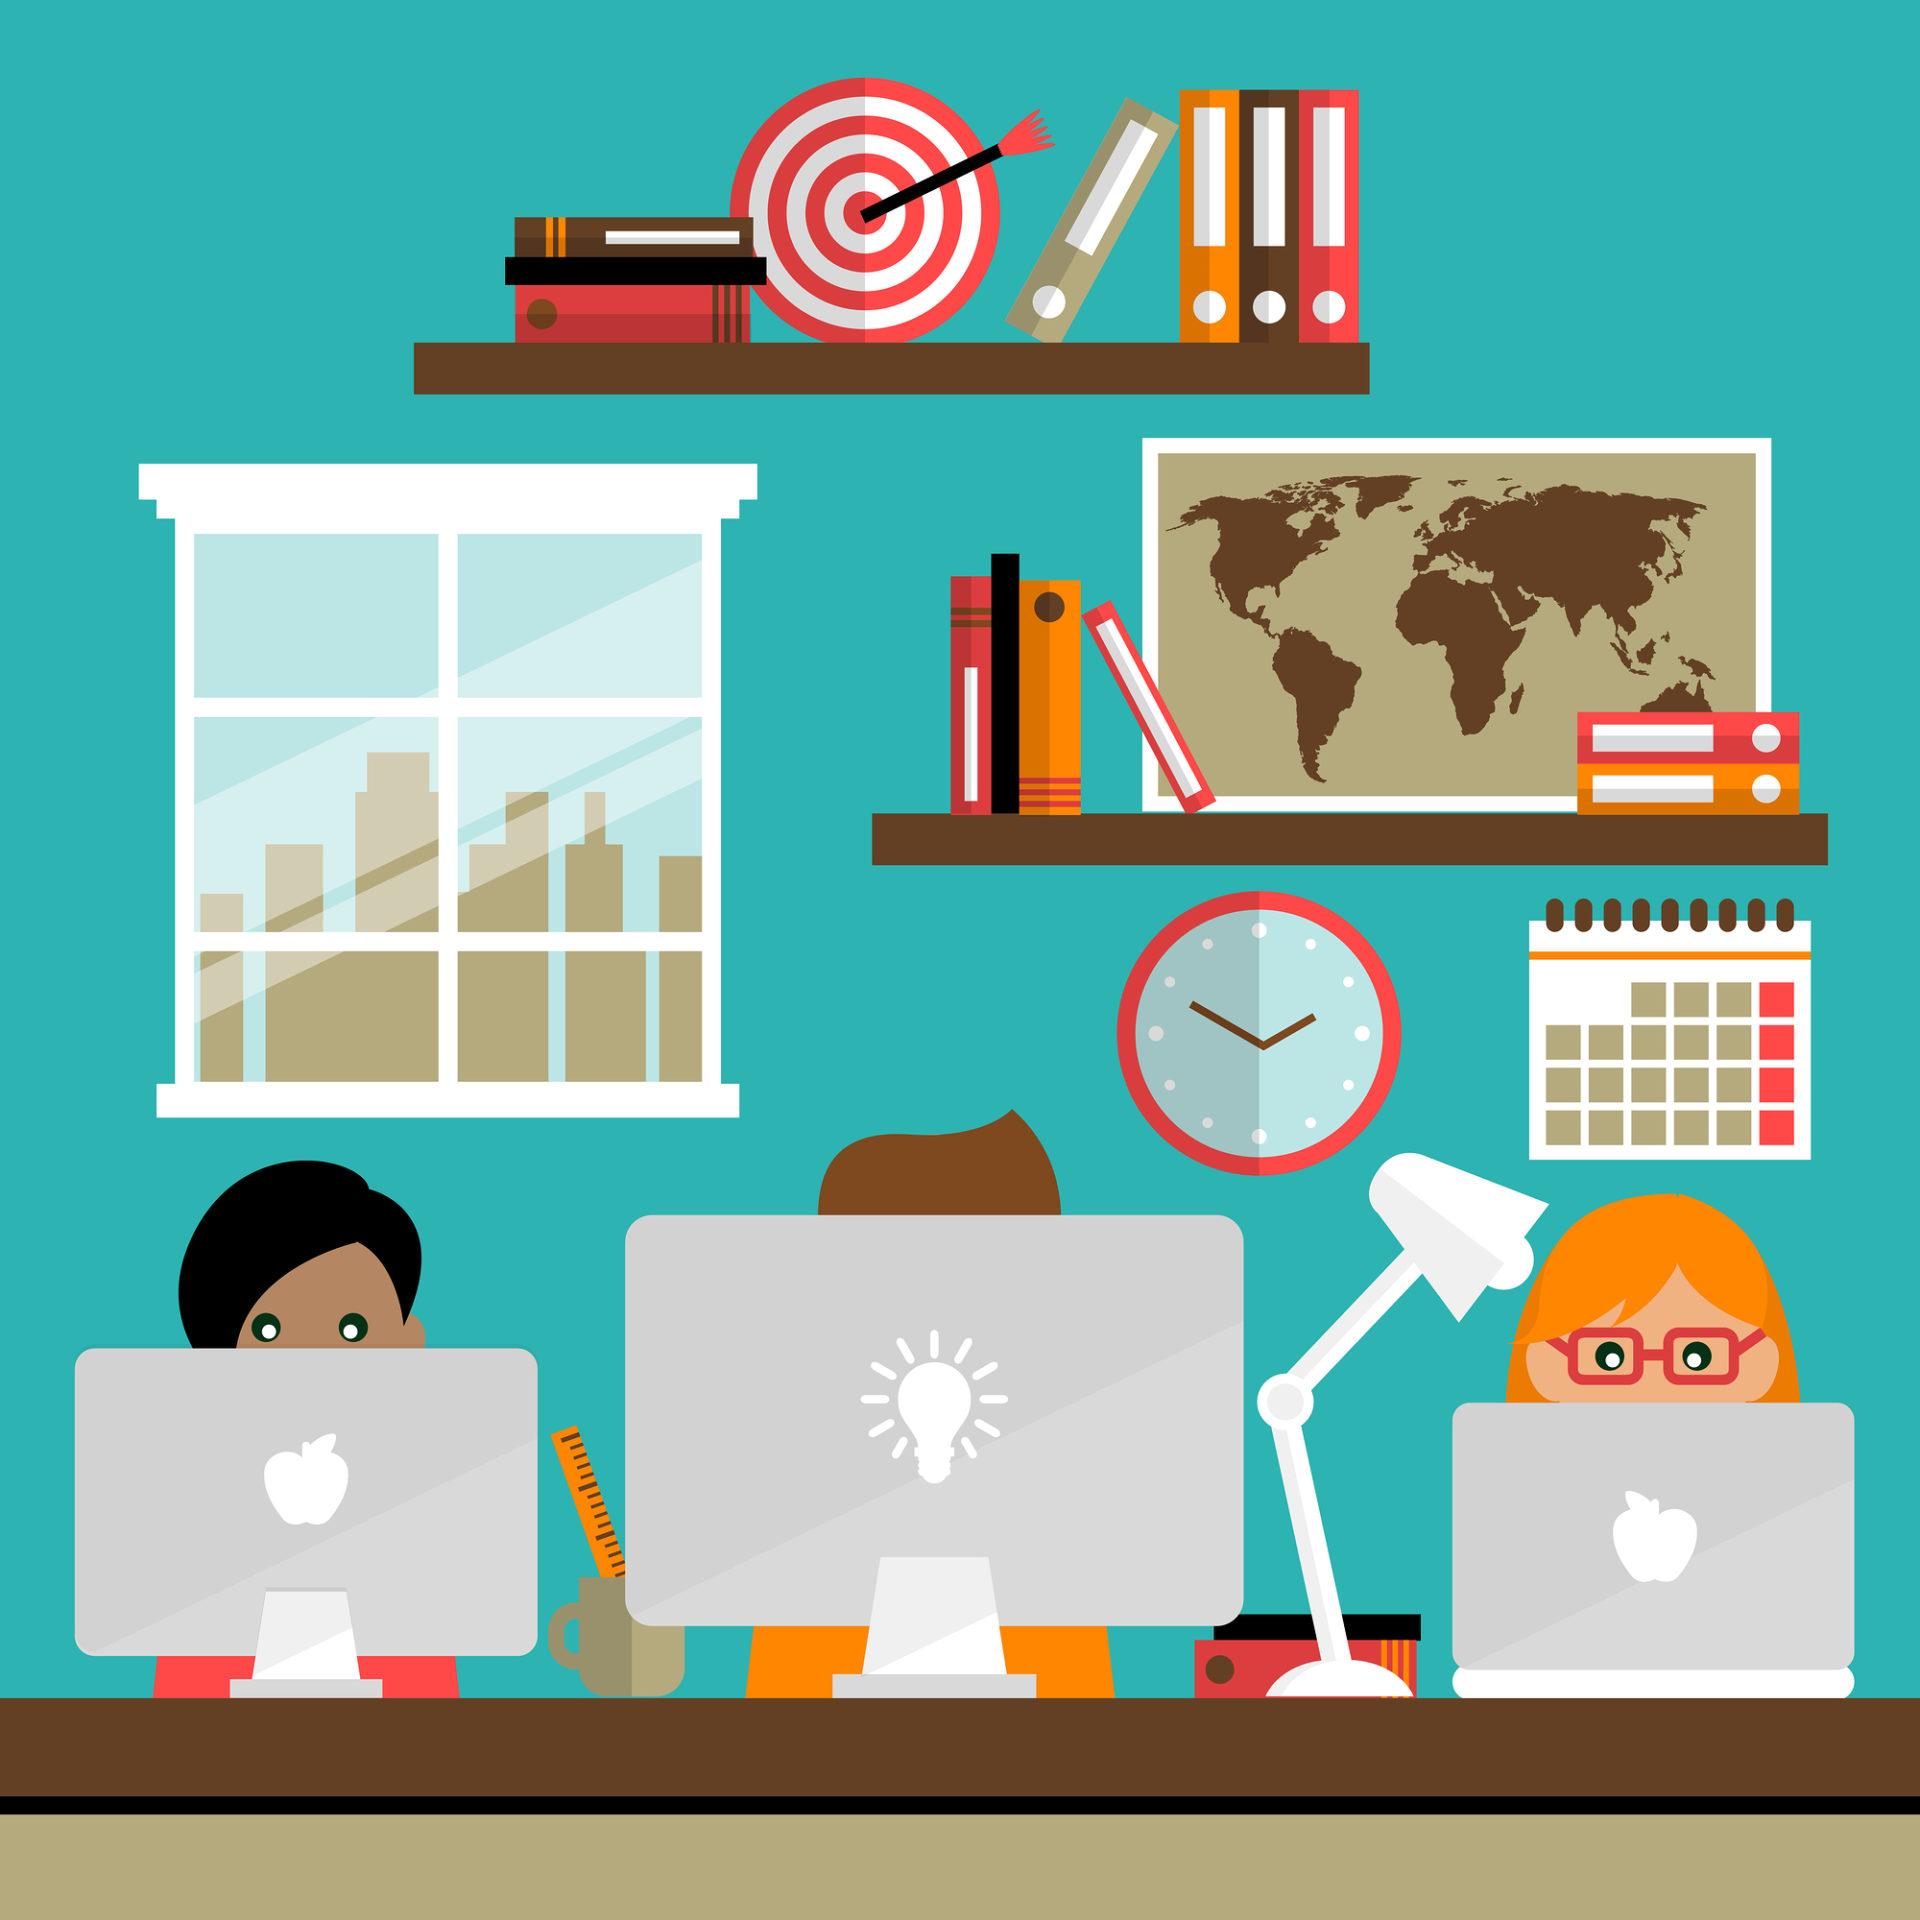 Les 5 types d'entreprise selon leur degré de digitalisation